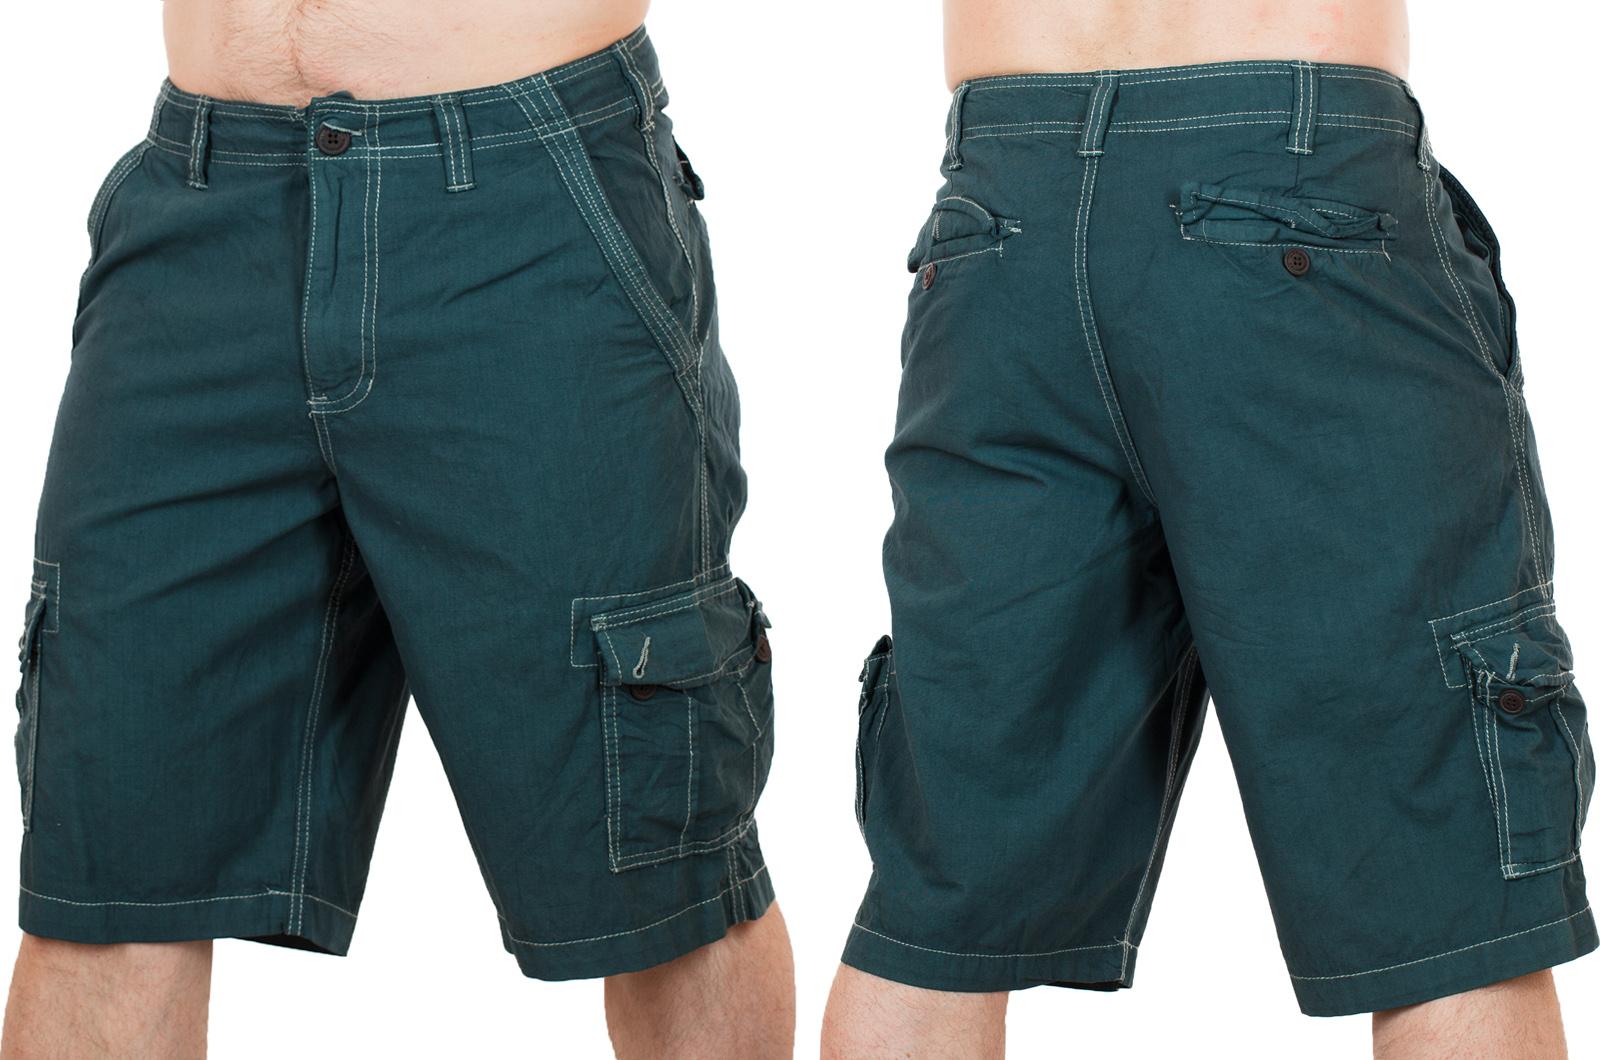 Повседневные мужские шорты от Urban Pipeline с доставкой